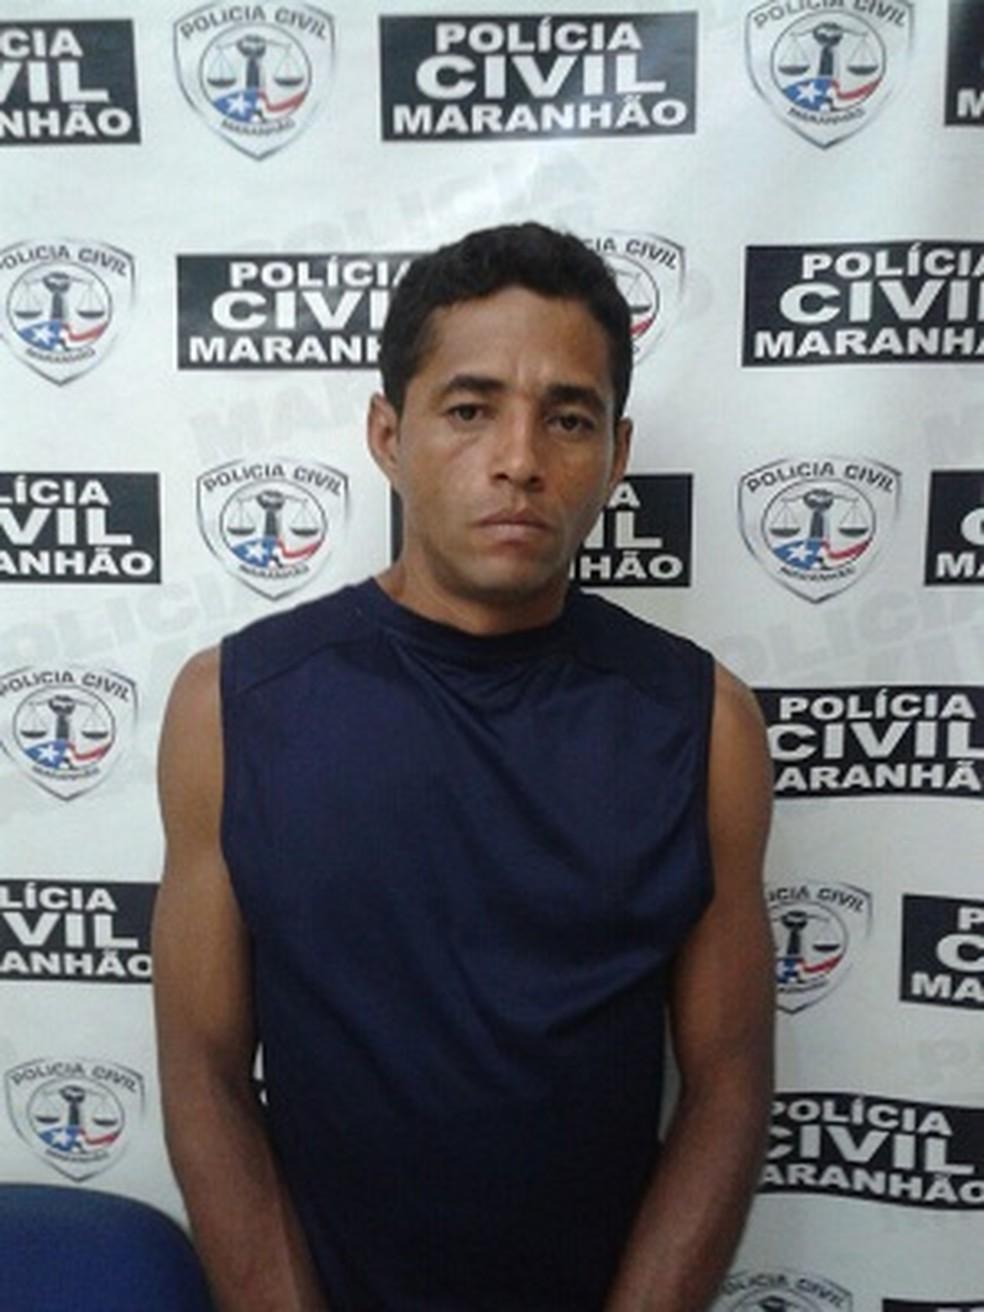 Wikson Trindade Correia cumpria pena por roubo na Penitenciária Regional São Luís (Foto: Divulgação/SSP)